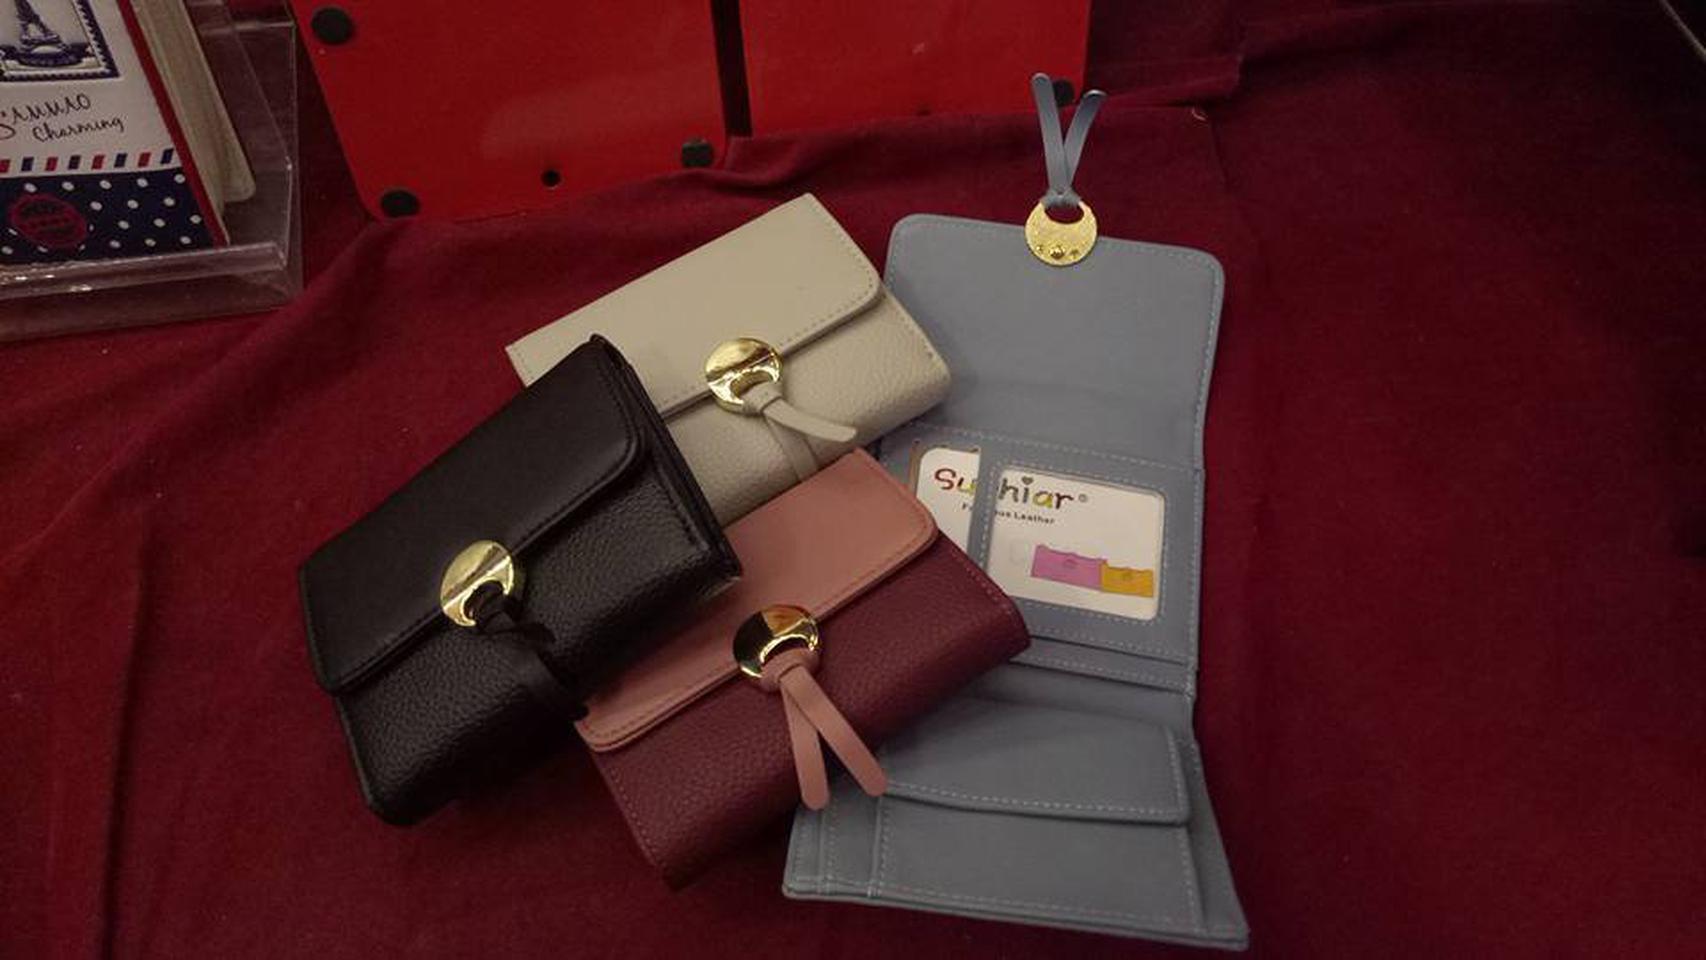 กระเป๋าแฟชั่น ราคาเบาๆ by ร้านกระเป๋าวันทิพย์ รูปที่ 2